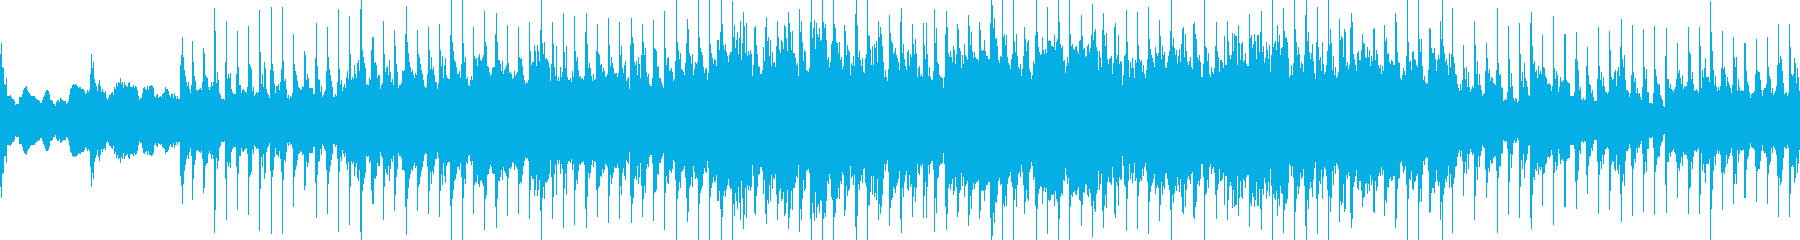 太陽が昇るイメージのループ曲の再生済みの波形